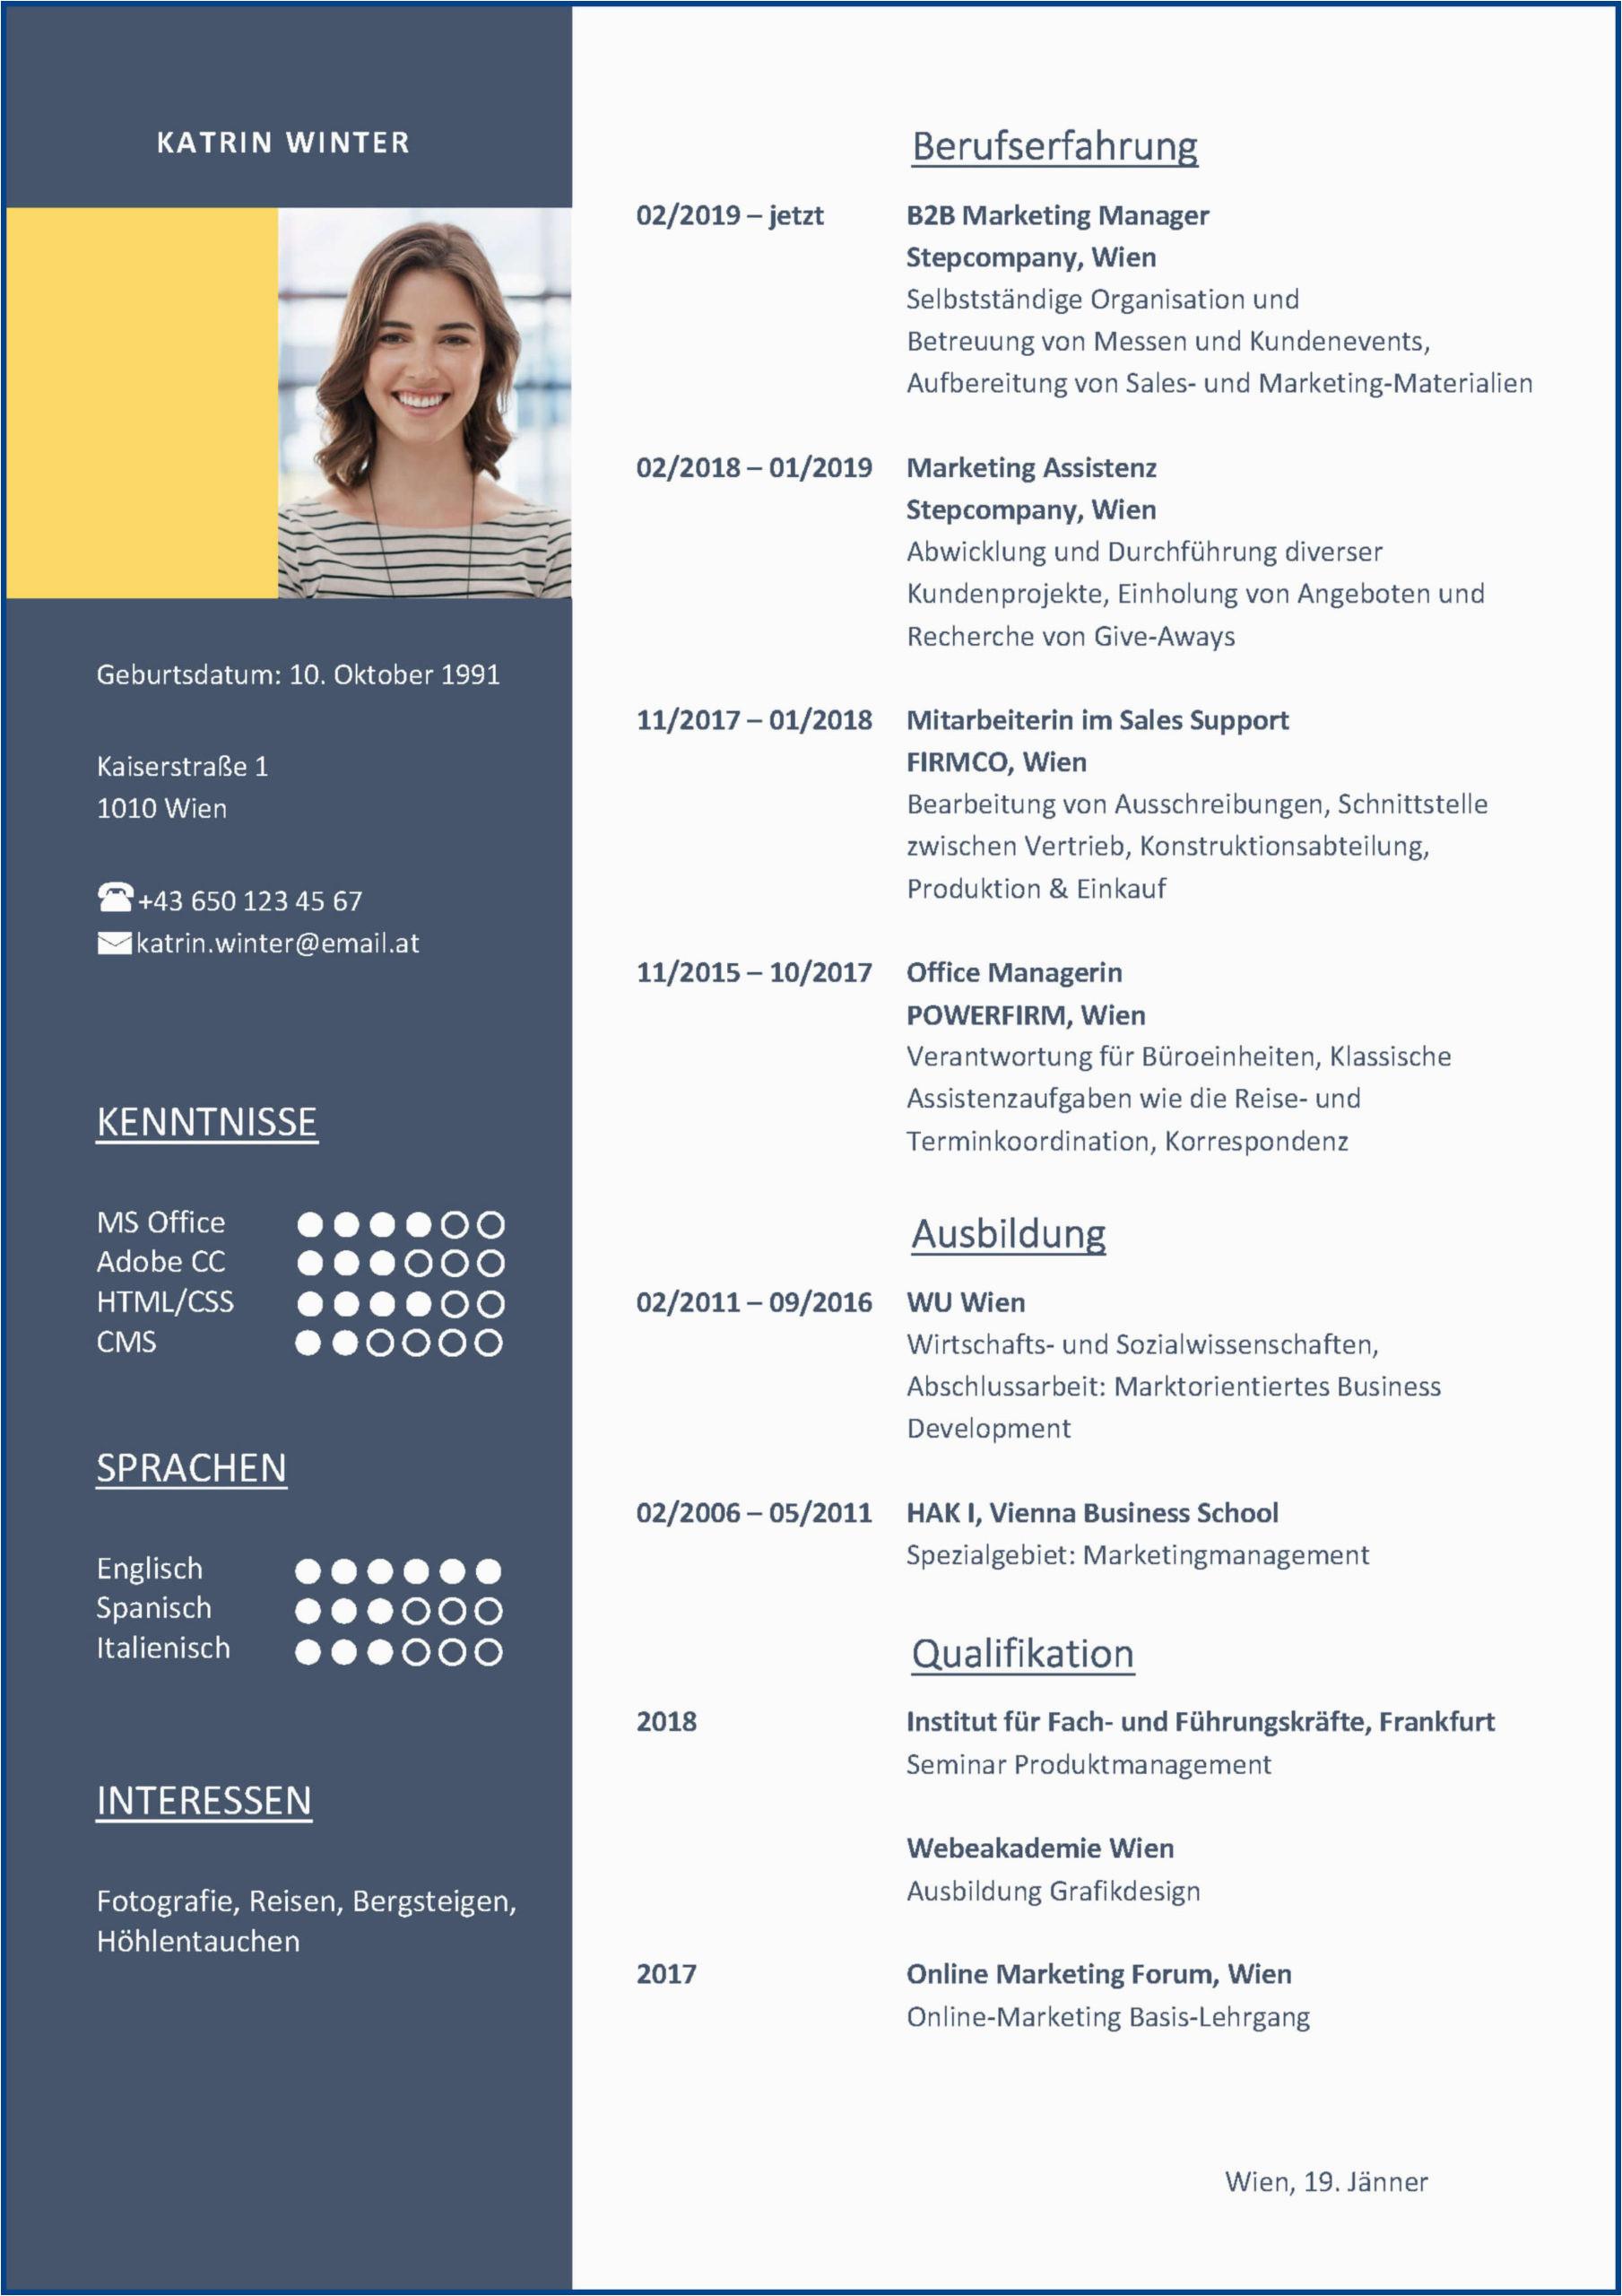 Lebenslauf Deutsch Als Sprache Angeben Der Perfekte Lebenslauf Aufbau Tipps Und Vorlagen